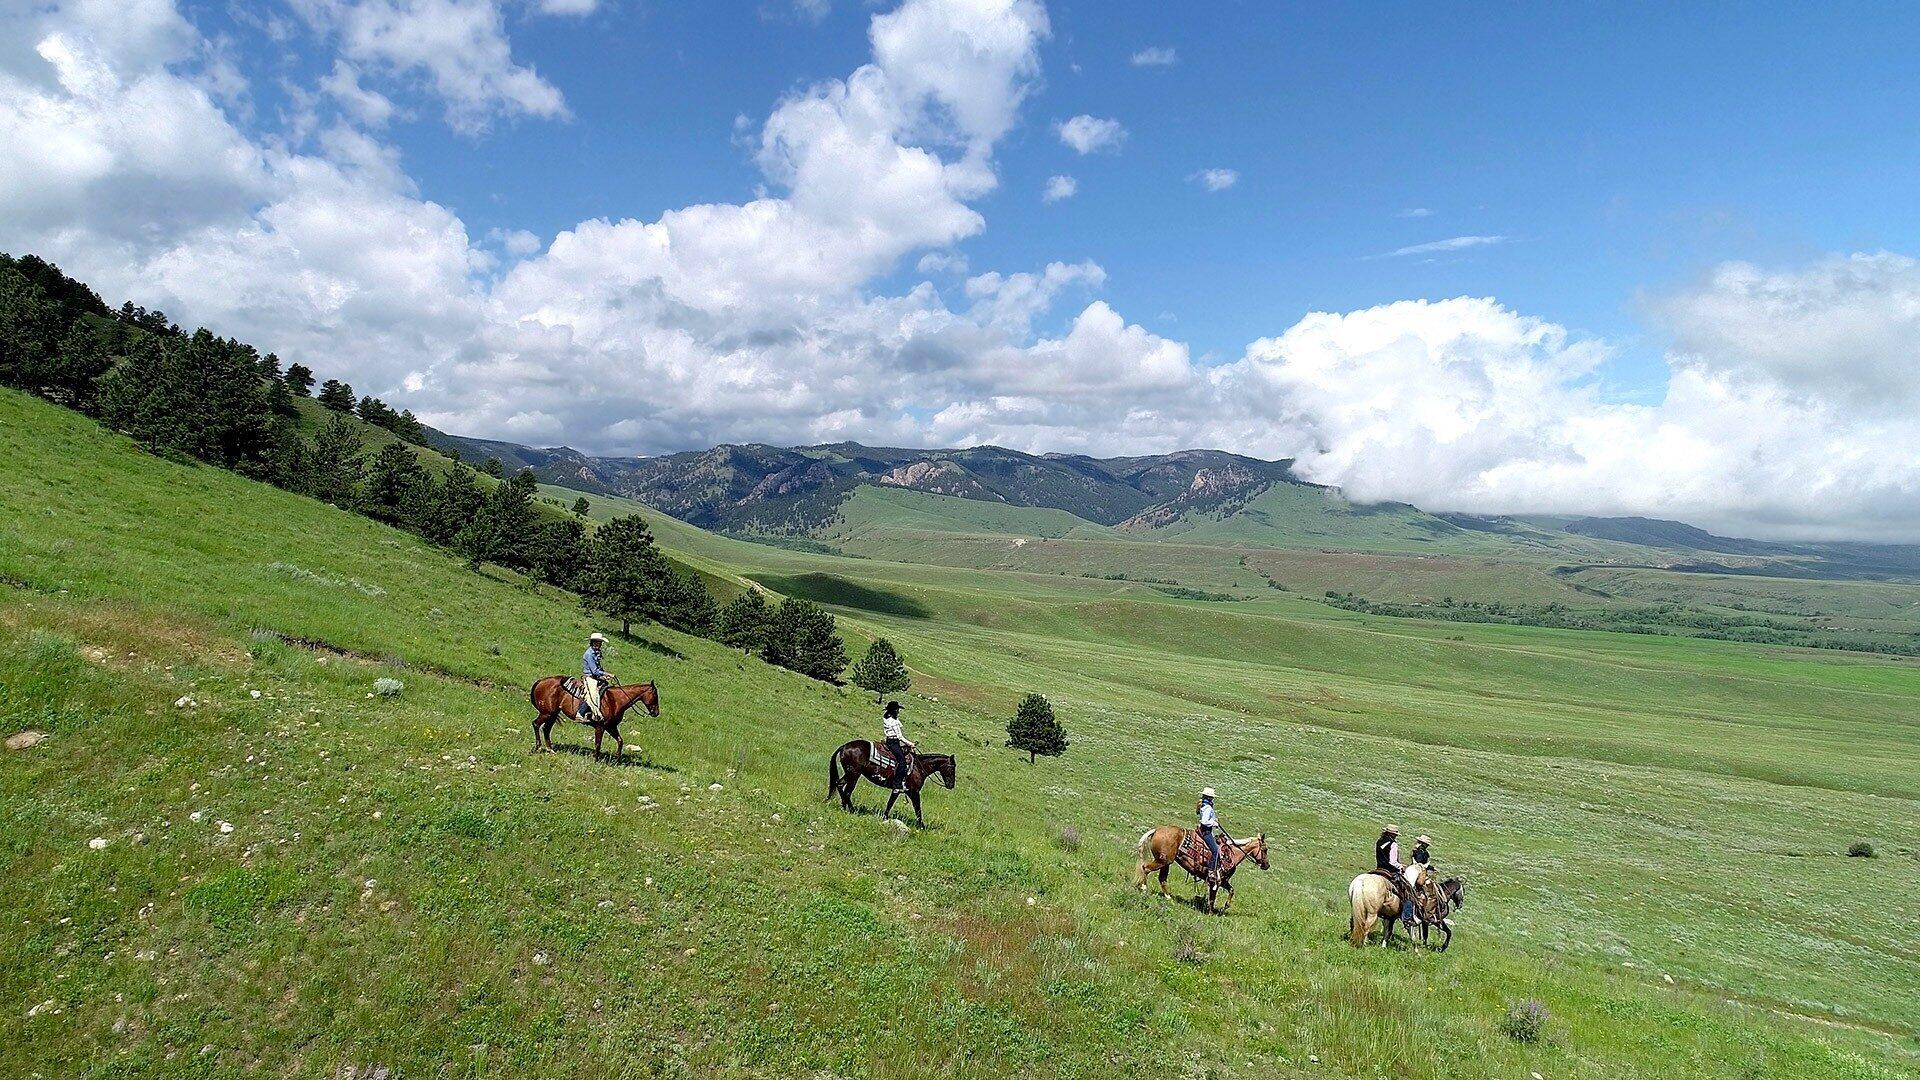 Upper French Creek Ranch